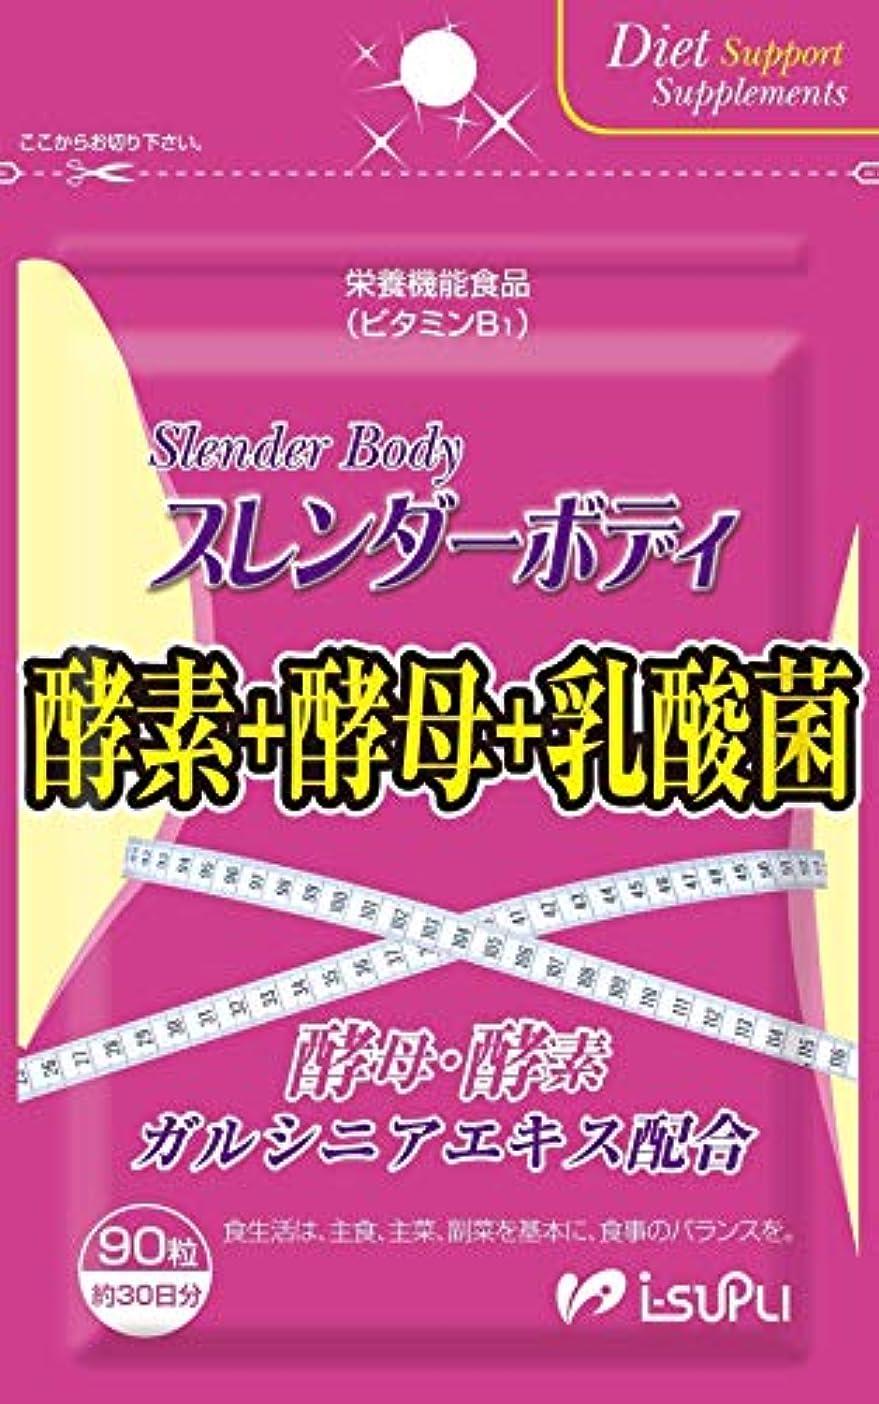 コンパクト賠償空生酵素サプリ スレンダーボディ ダイエットサプリメント 乳酸菌 日本製 90粒